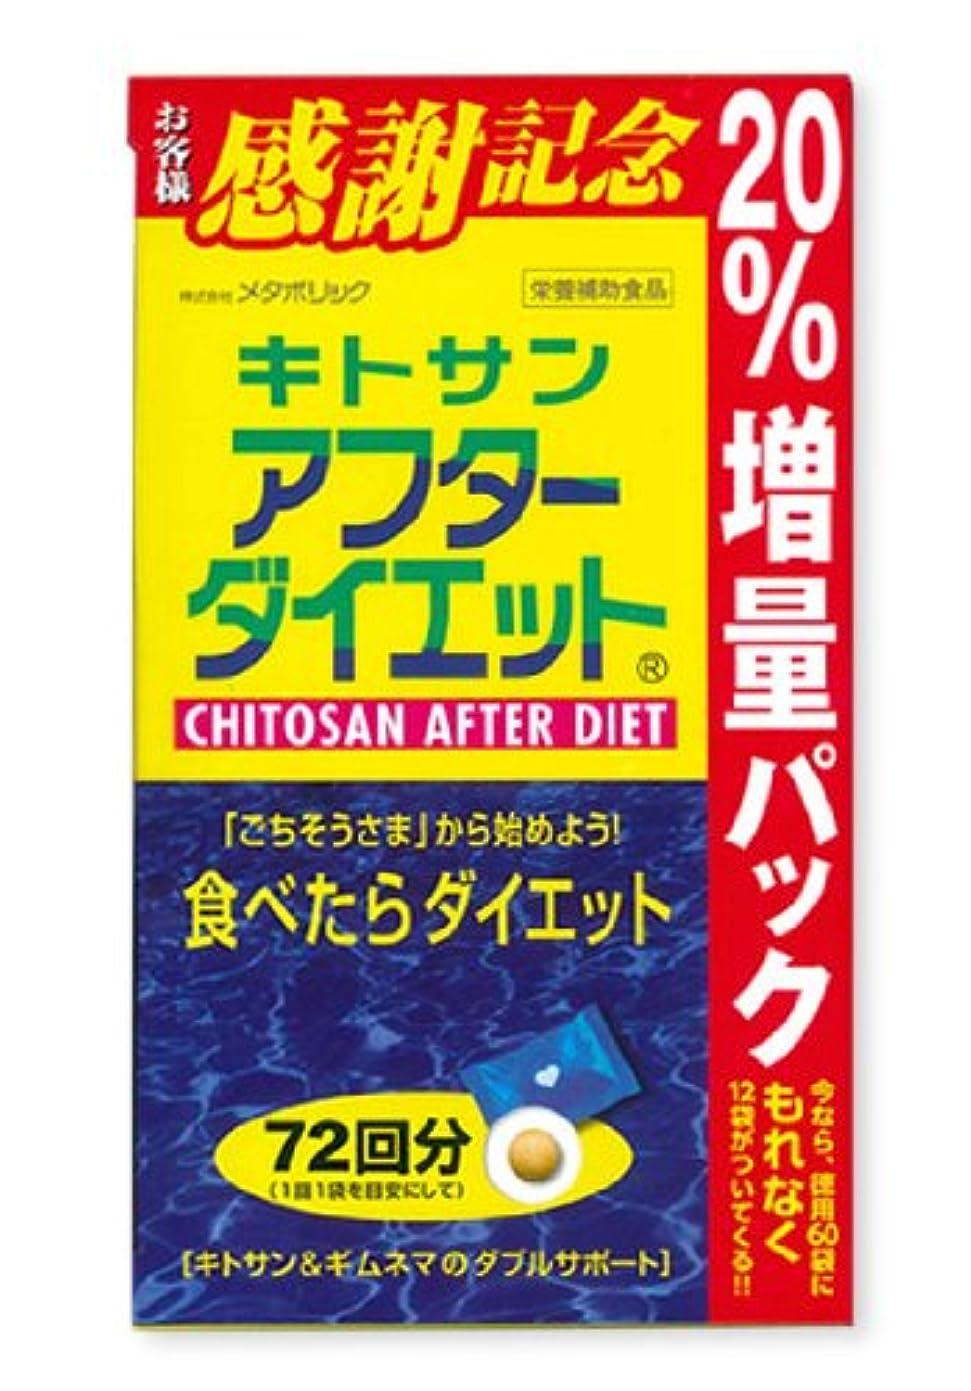 振りかける安心させる難しいお徳用 72袋入り キトサン アフターダイエット ( お徳用 72袋入り)×5個セット 20%増量版